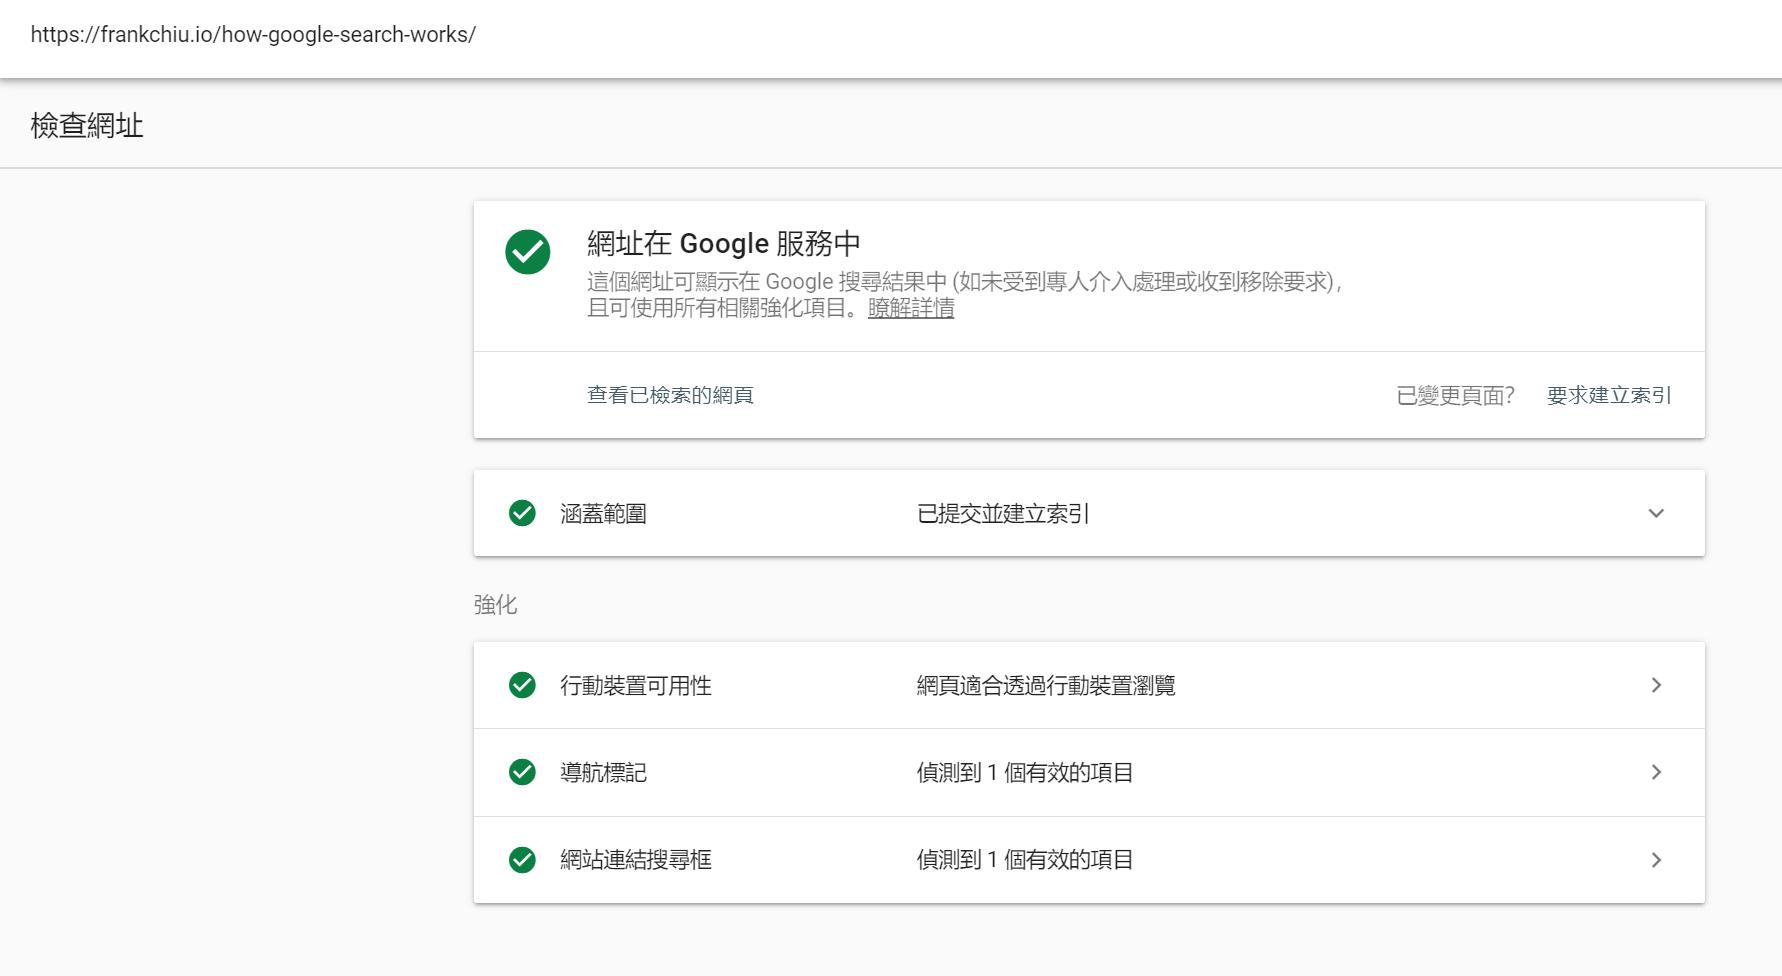 請按左邊的「網址審查」或是「最上面的搜尋框」,輸入你想檢查的網址。